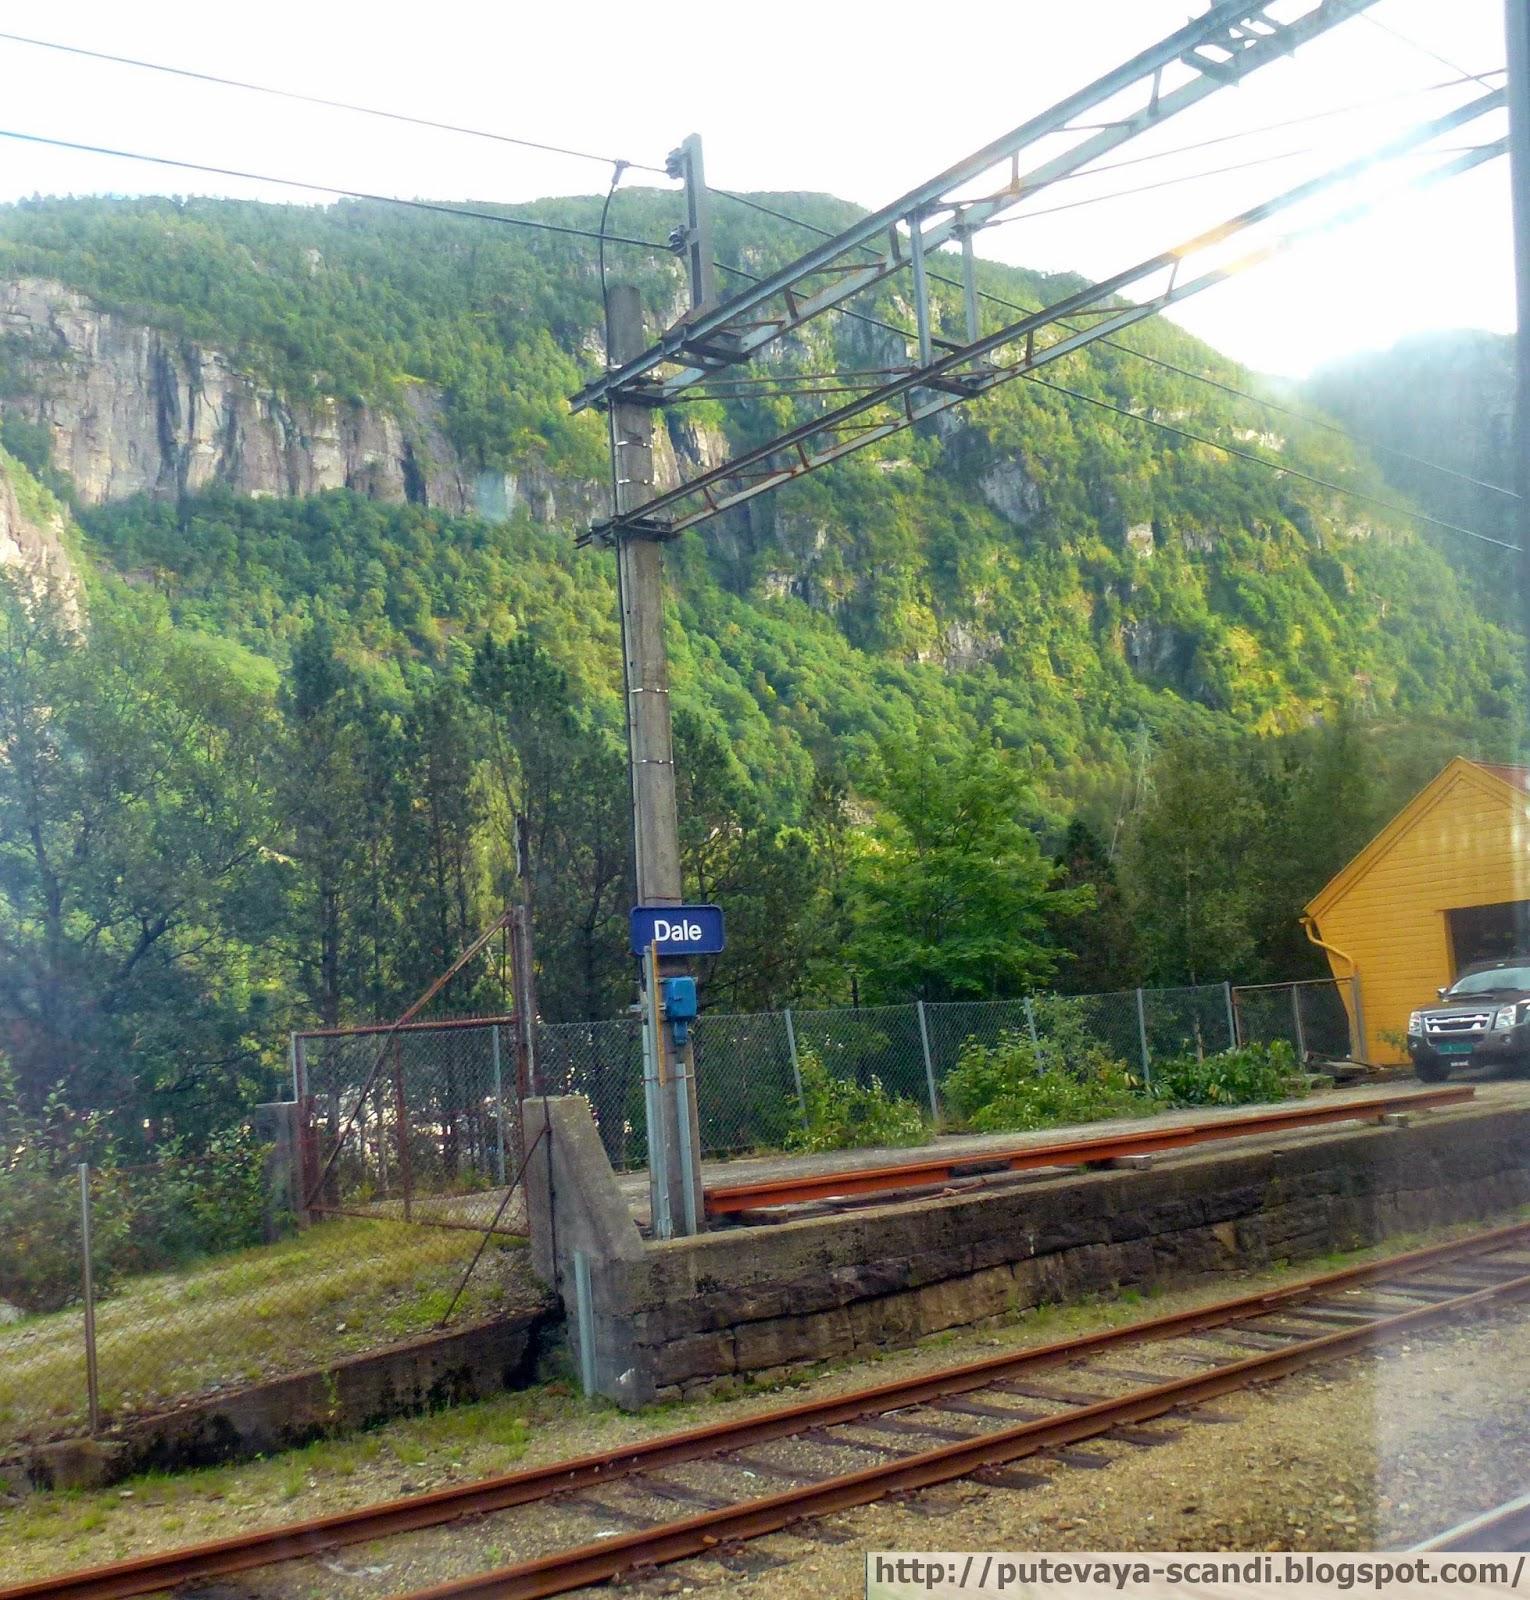 Dale station